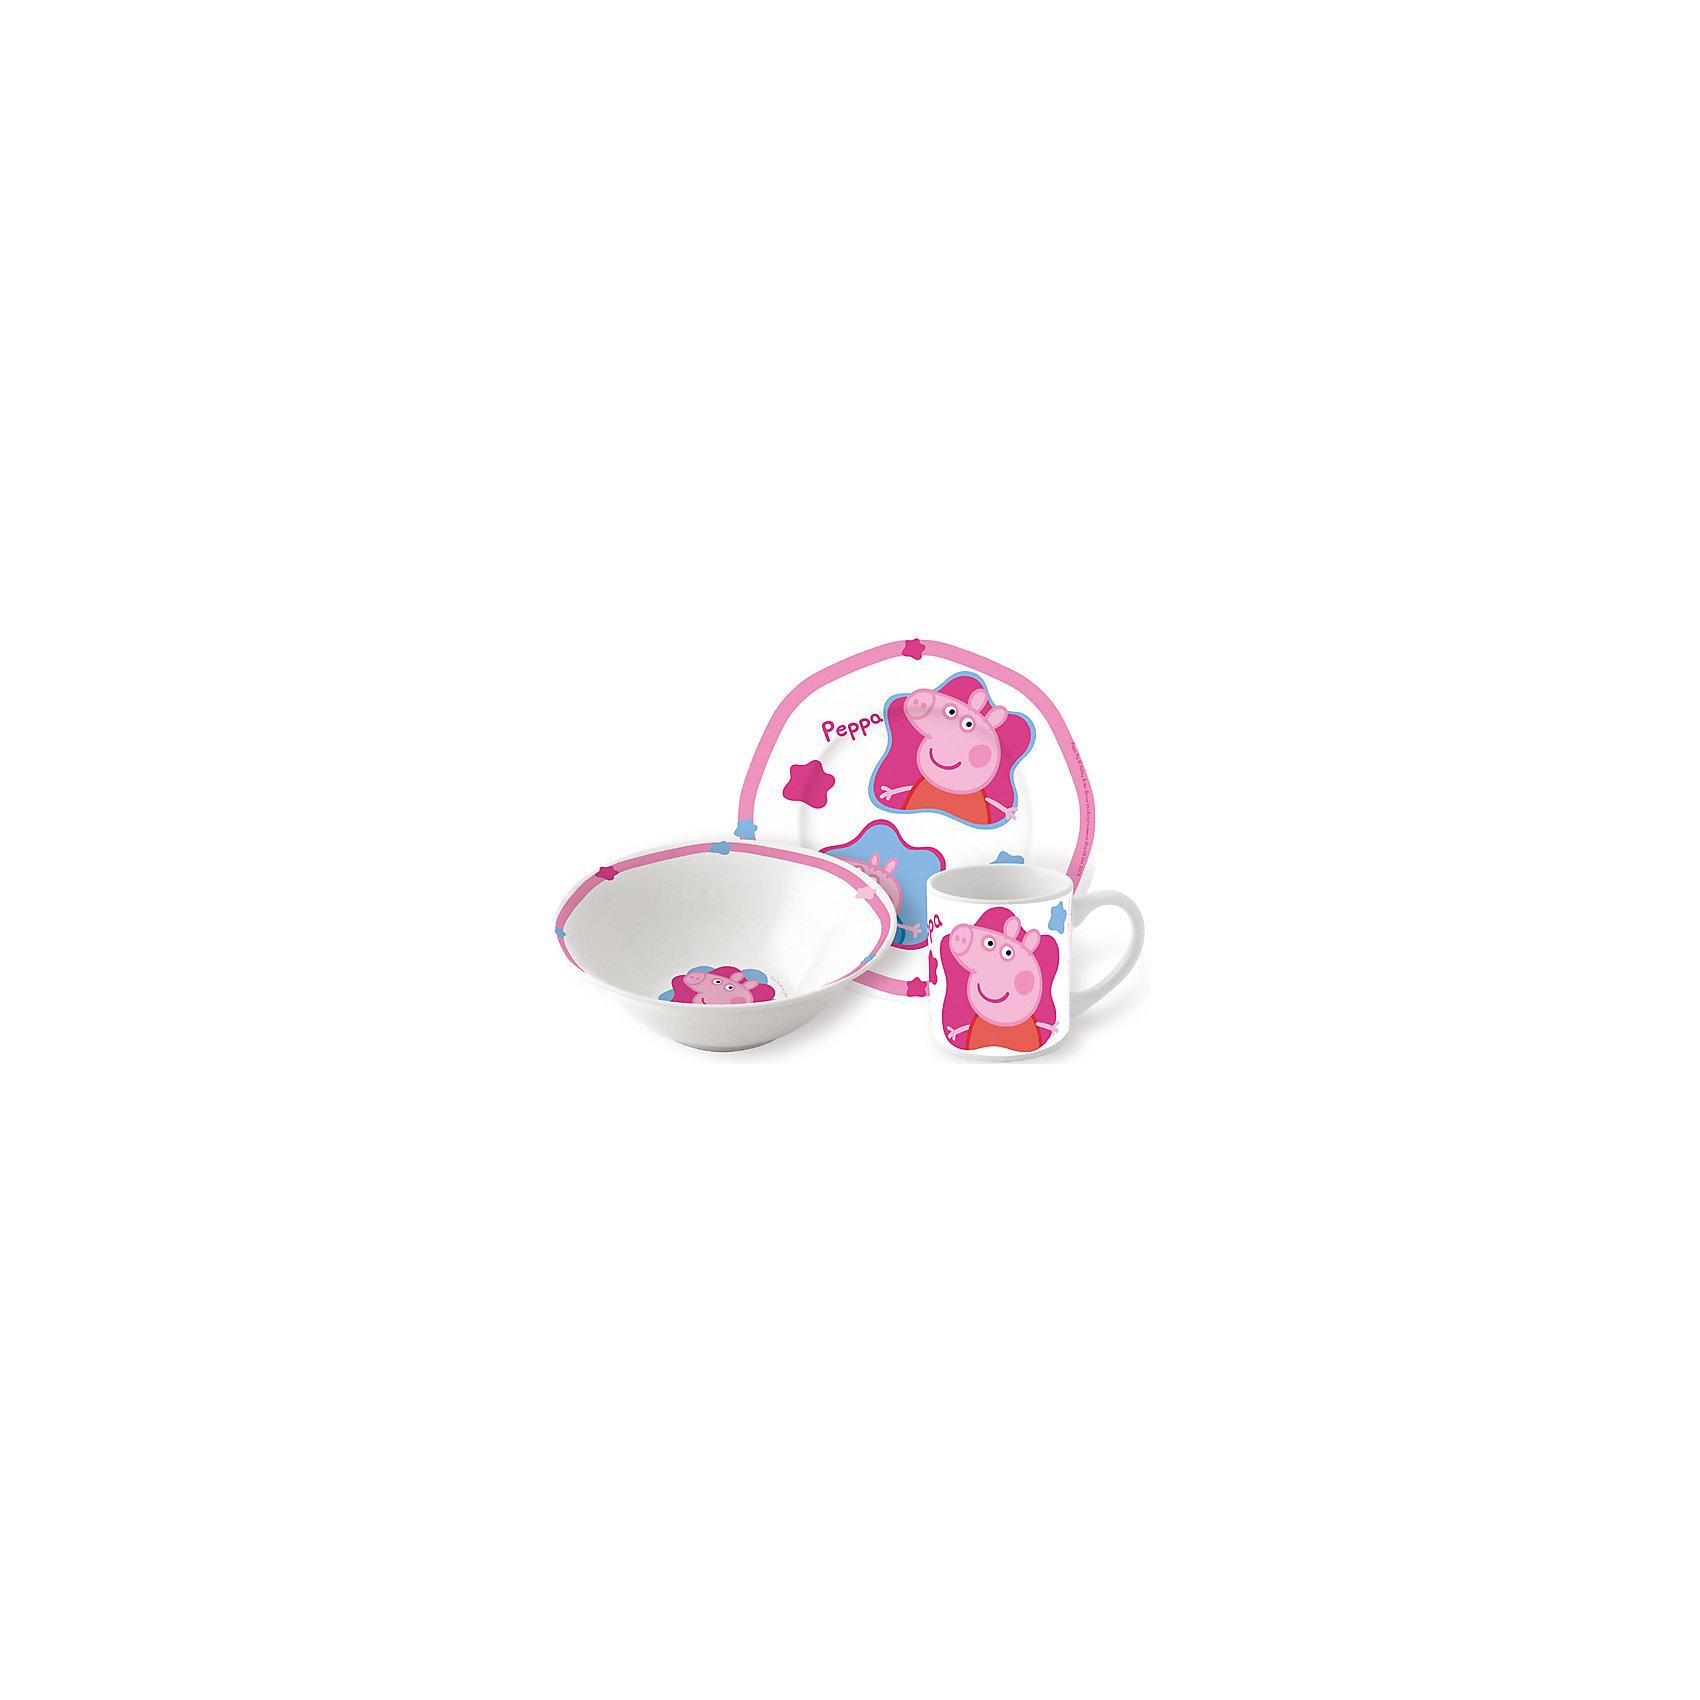 МФК-профит Набор посуды Свинка Пеппа (3 предмета, керамика) новый диск набор посуды штурмовик 3 предмета